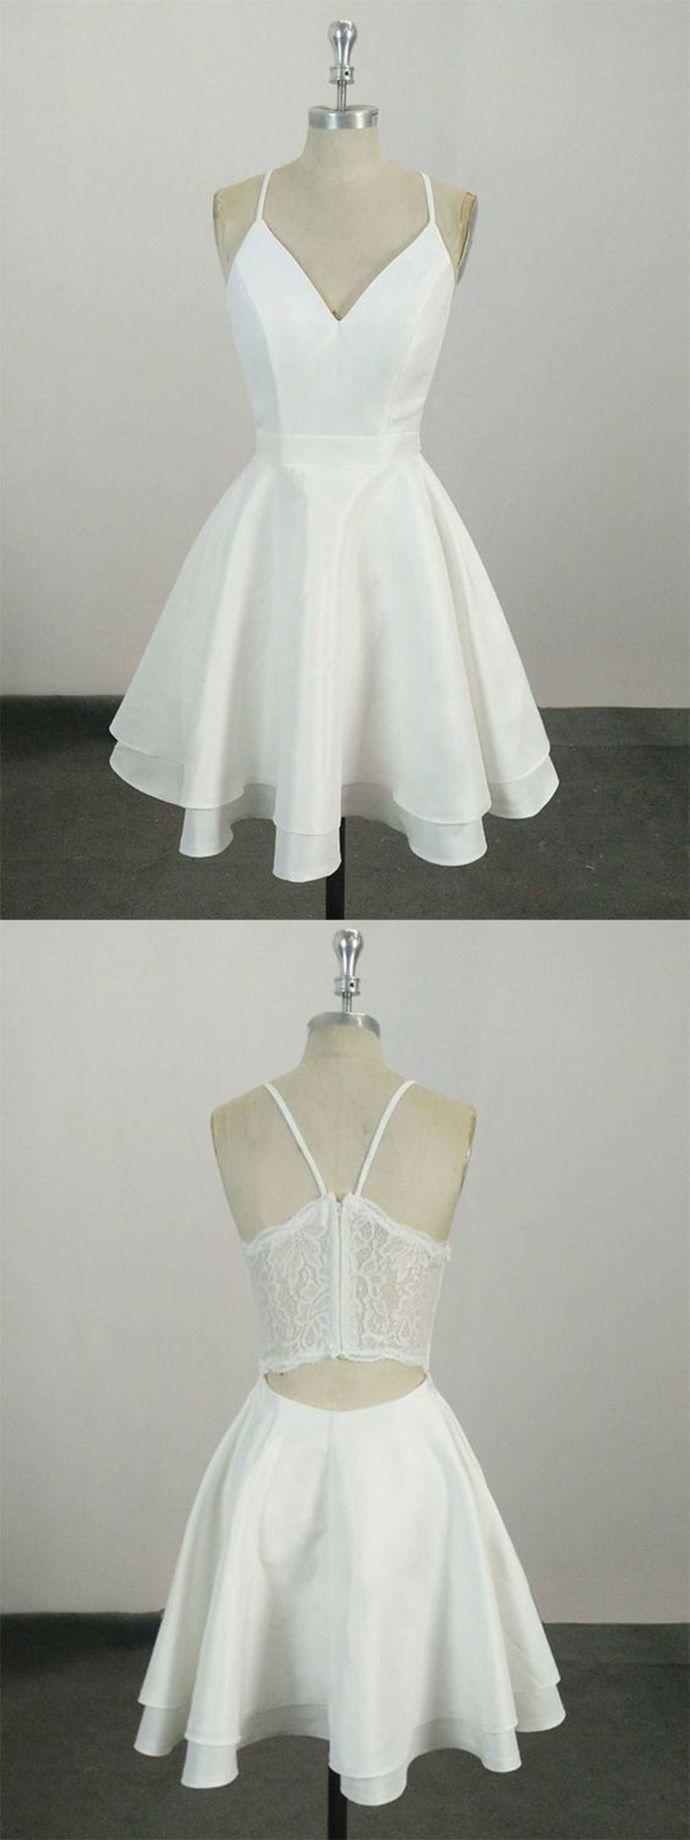 White Spaghetti Straps Short Prom Dress,Mini Dress,V-Neck Prom Dress